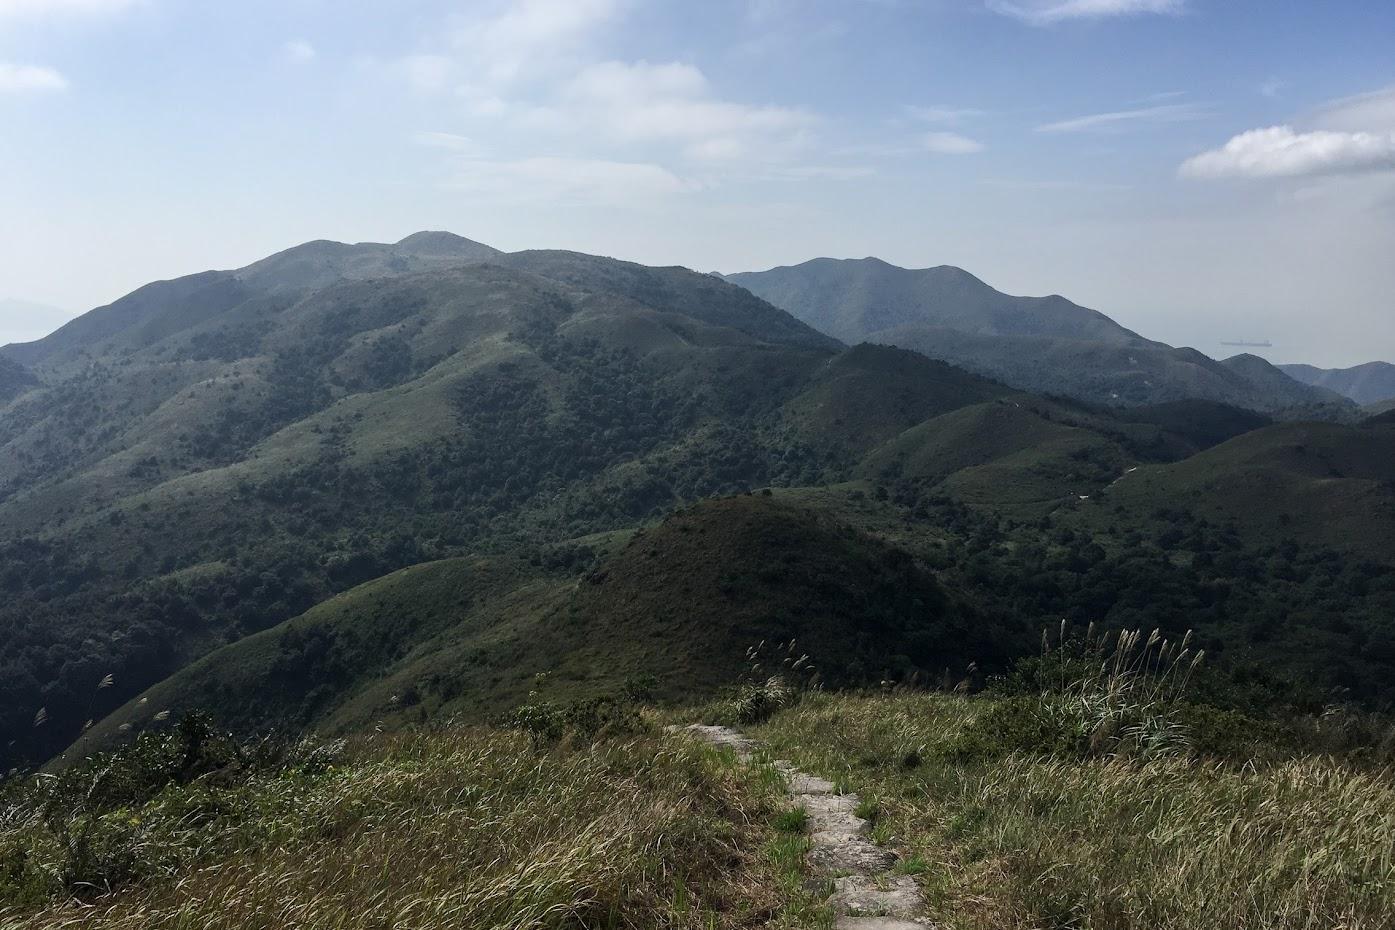 姜山 Keung San